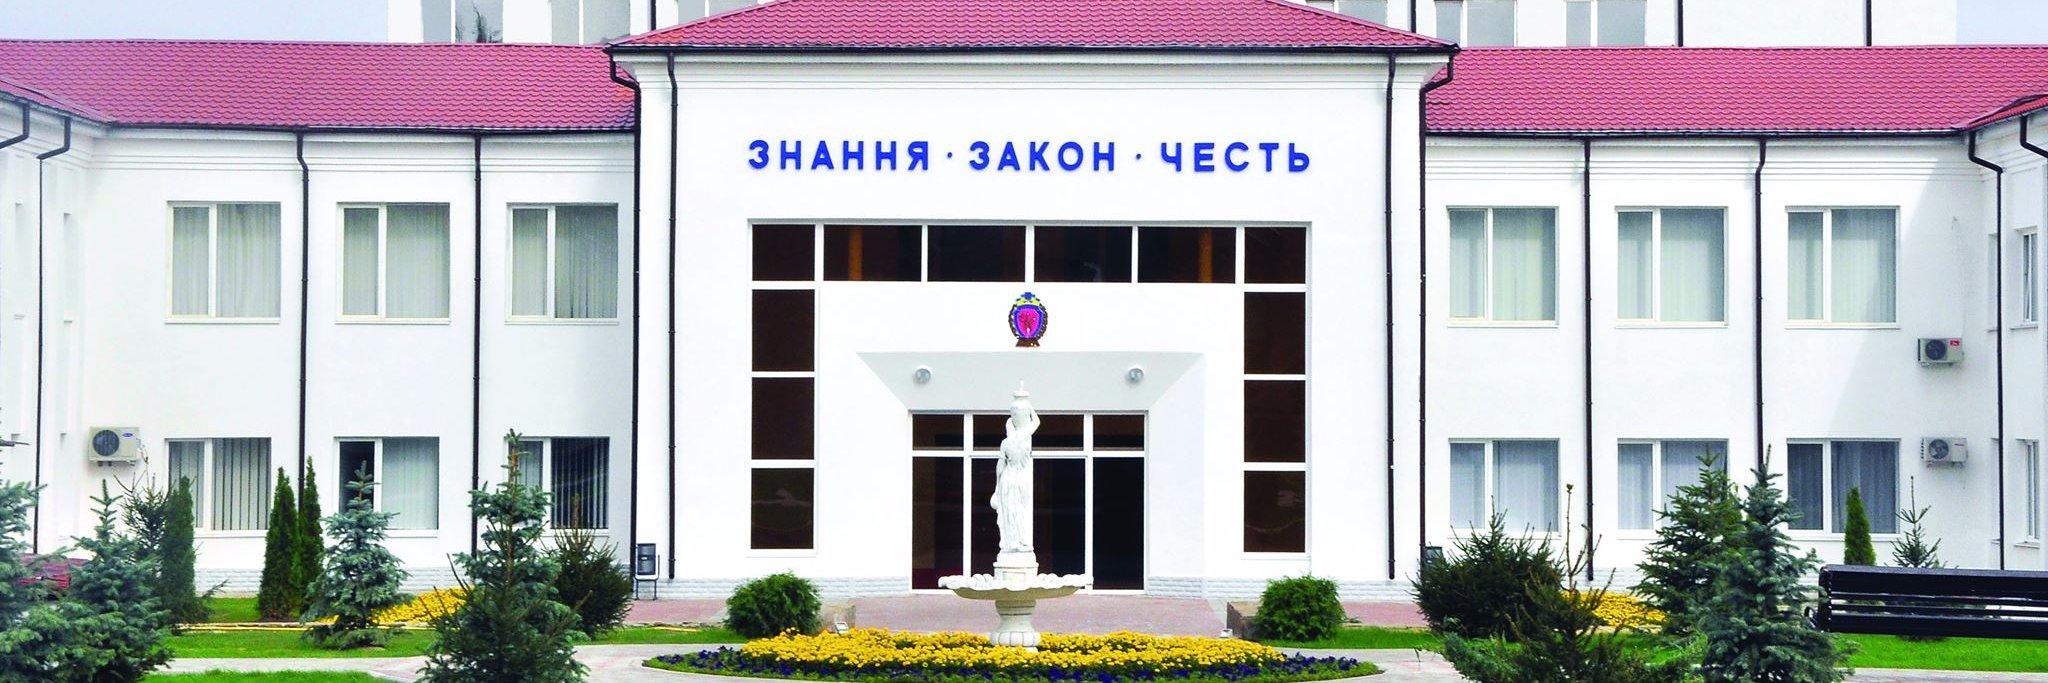 Kharkiv National University of Internal Affairs's official Twitter account